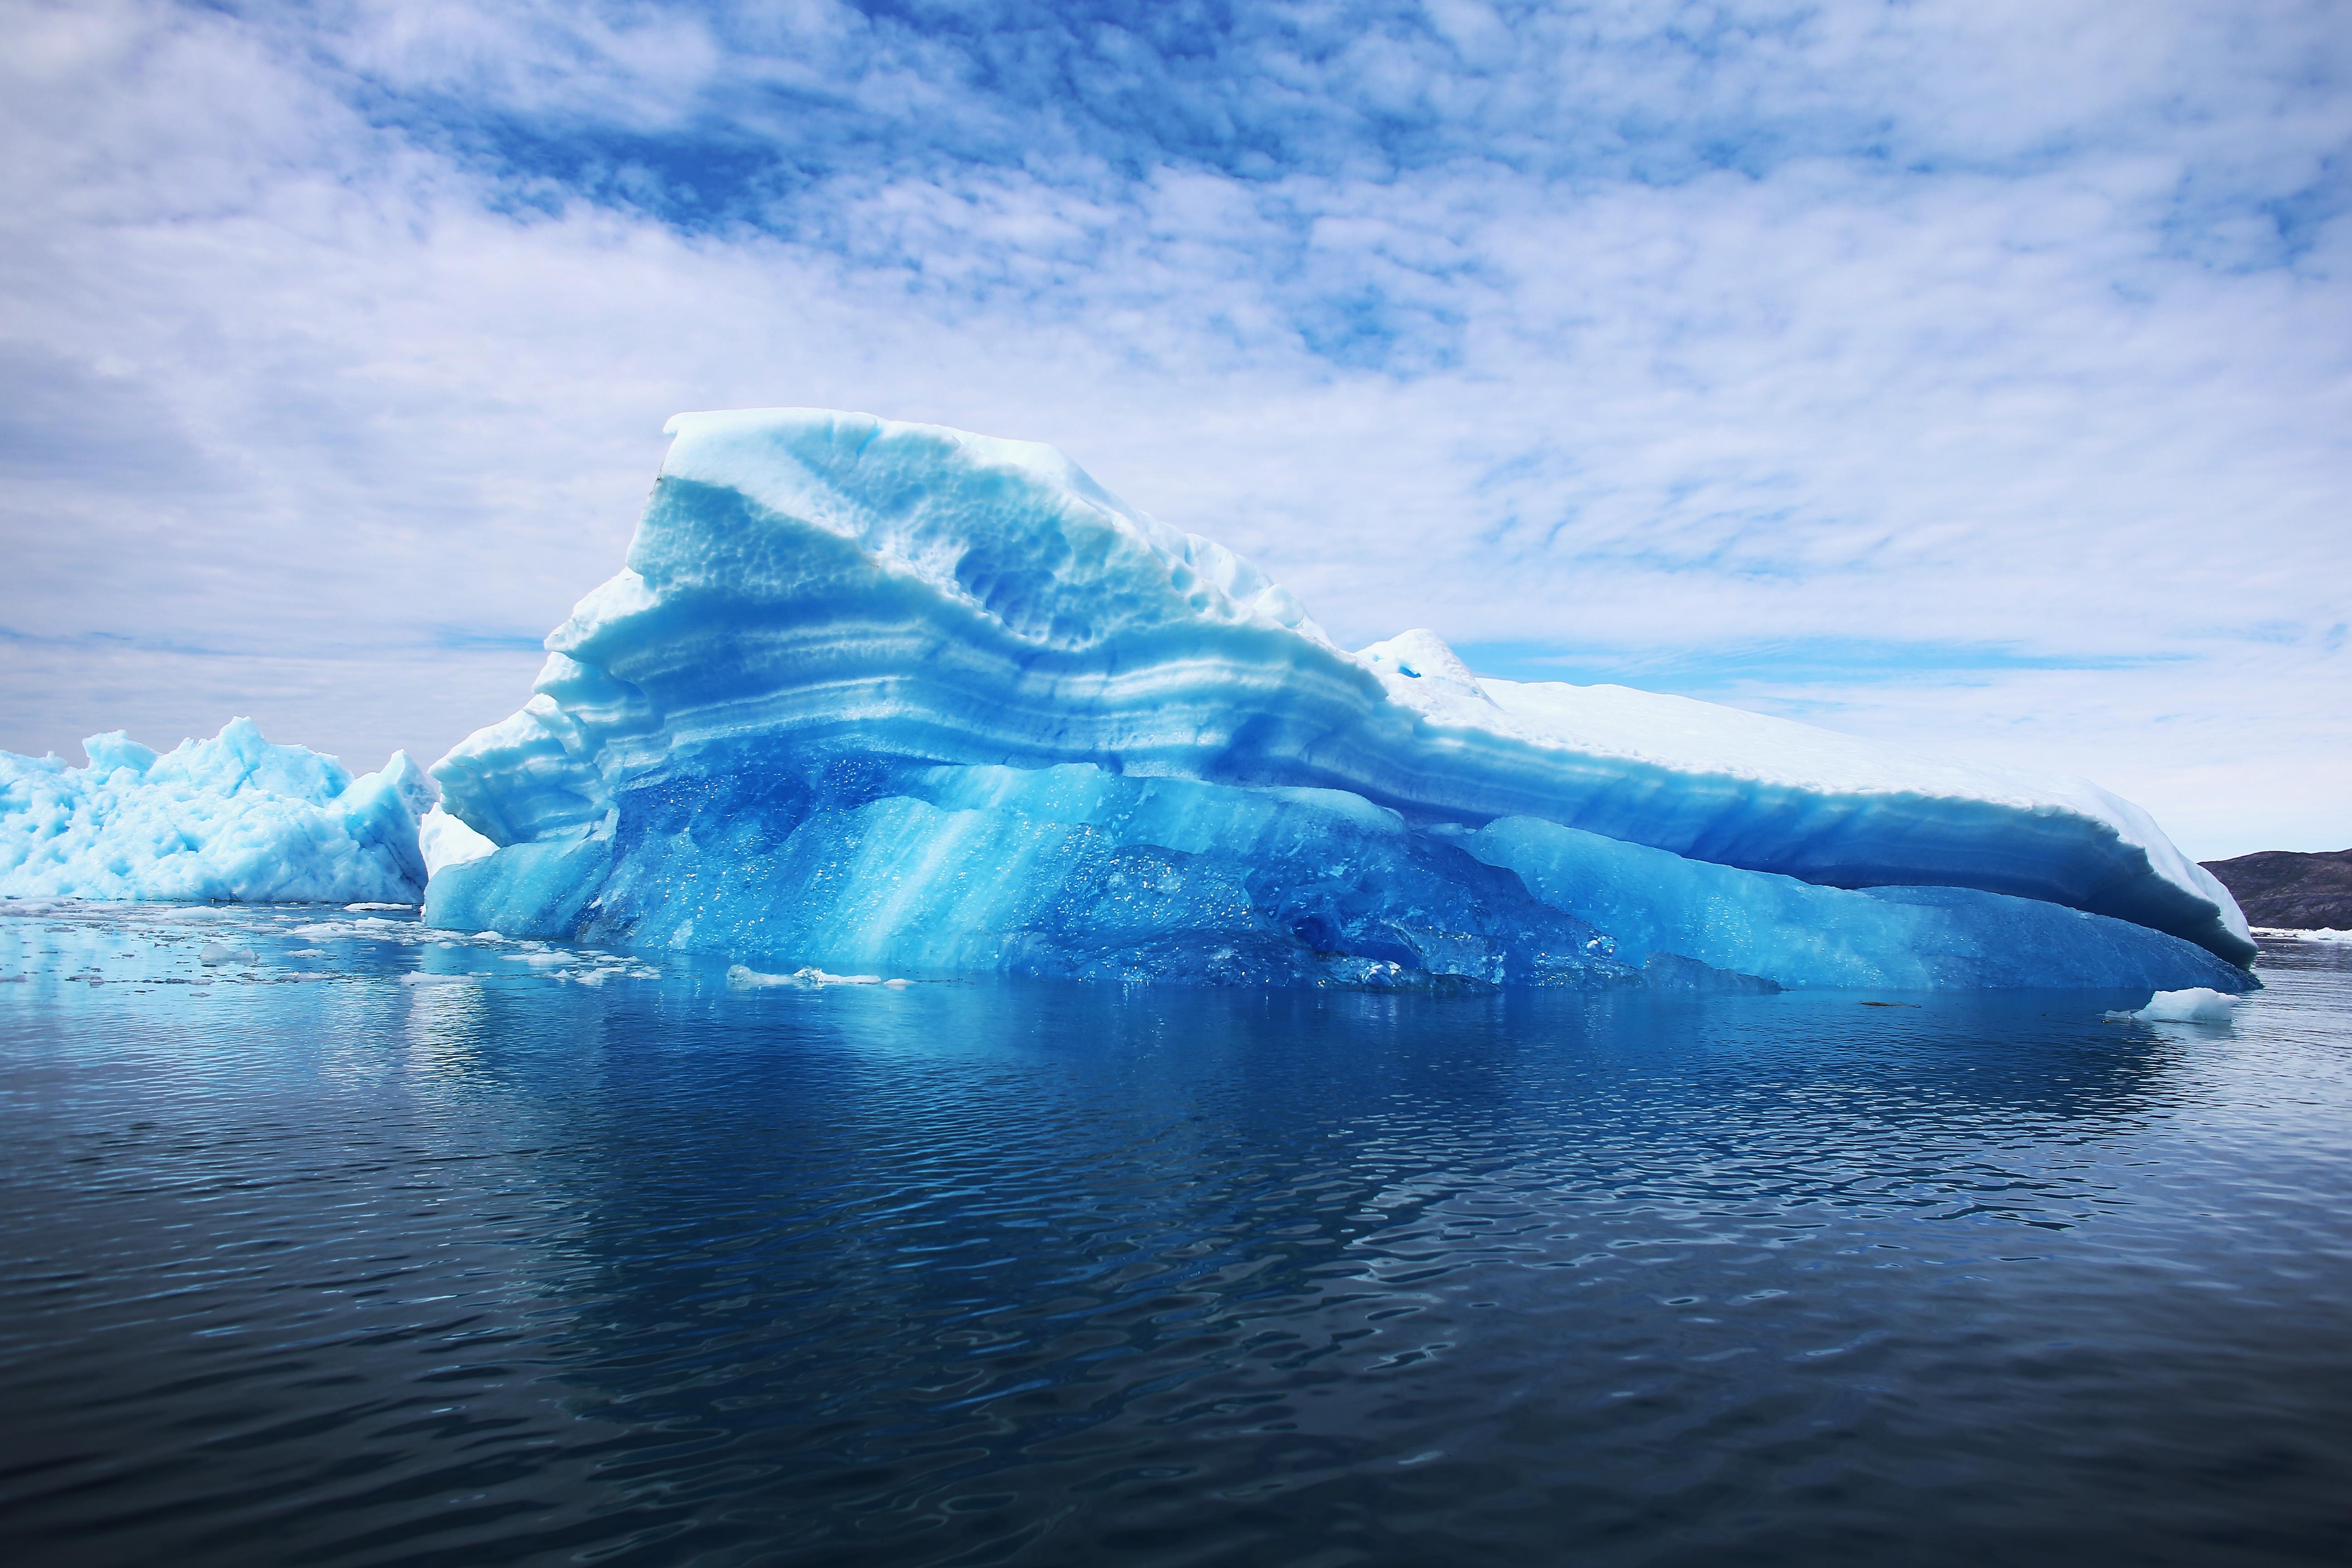 """Cercetatorii au descoperit """"veriga lipsa"""" care poate explica erele glaciare de pe Pamant. Paradoxal, e legata de topirea ghetarilor"""